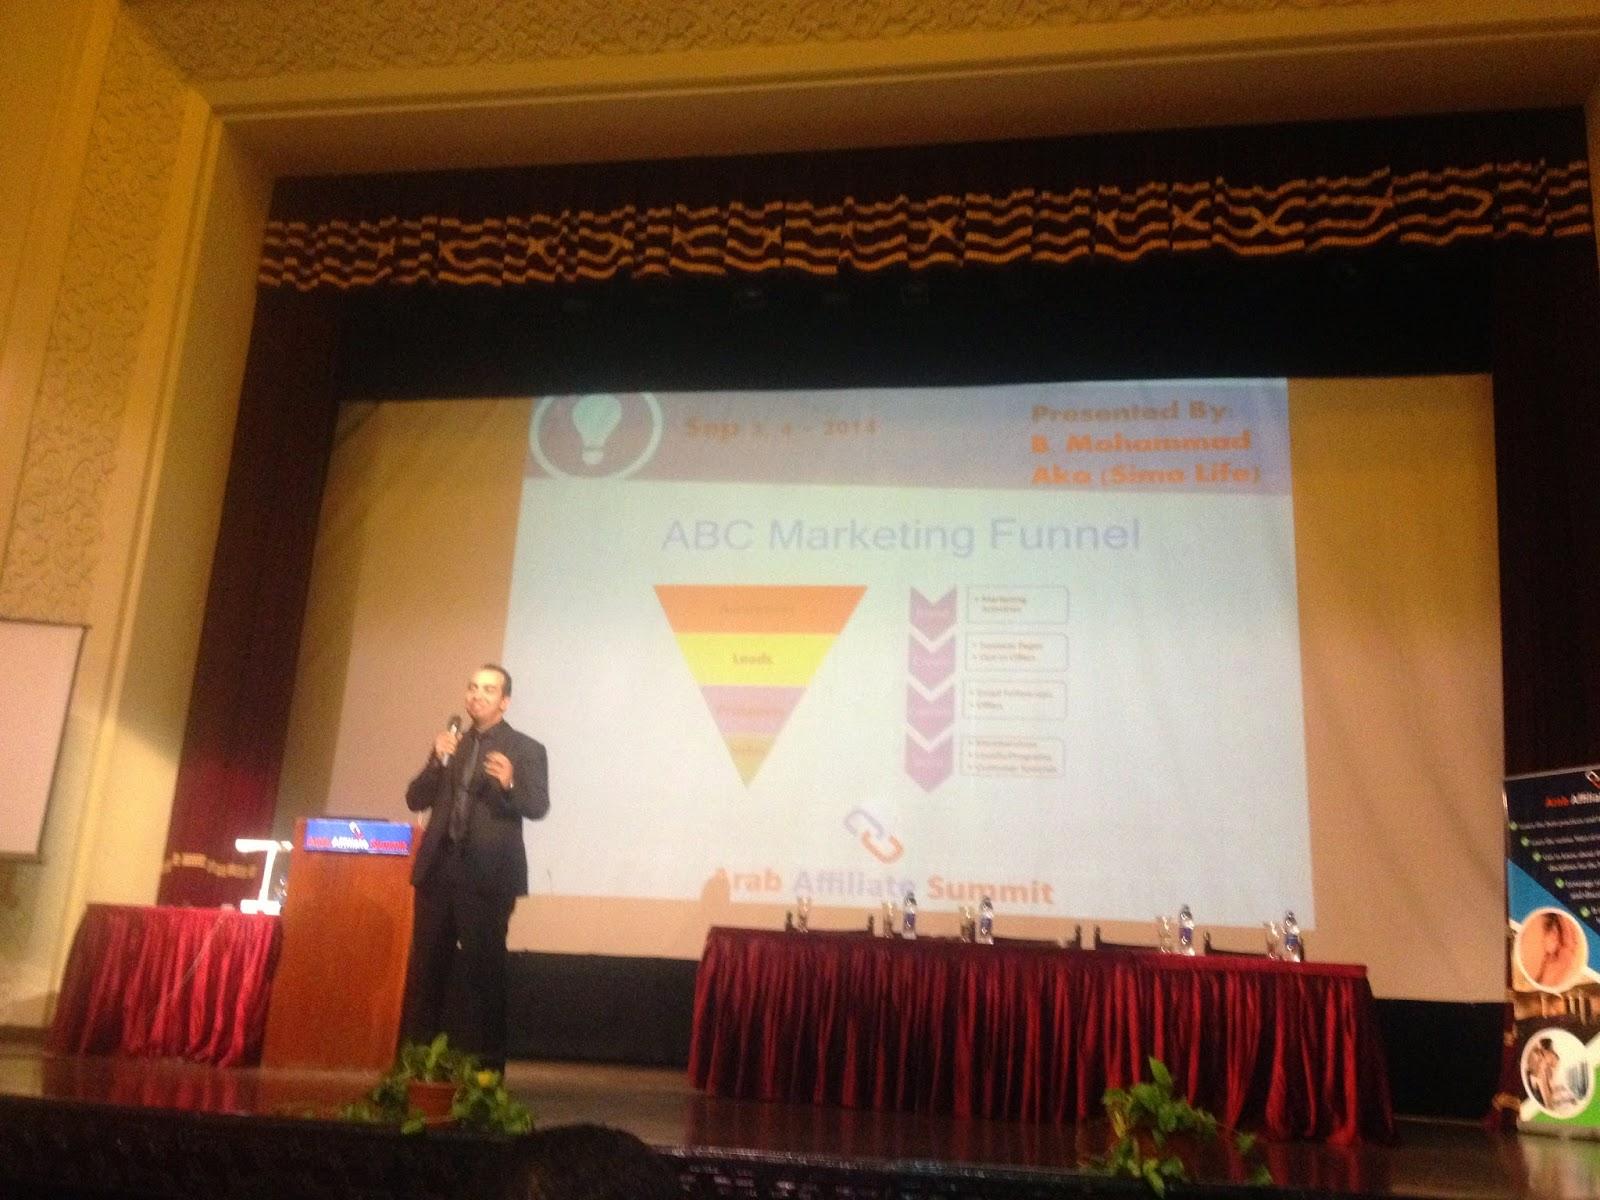 وبدا سيمو لايف حديثه عن ABC marketing funnel ثم تحدث عن مواقع PPV ads مثل Leadimpact واستهداف المواقع المنافسه .